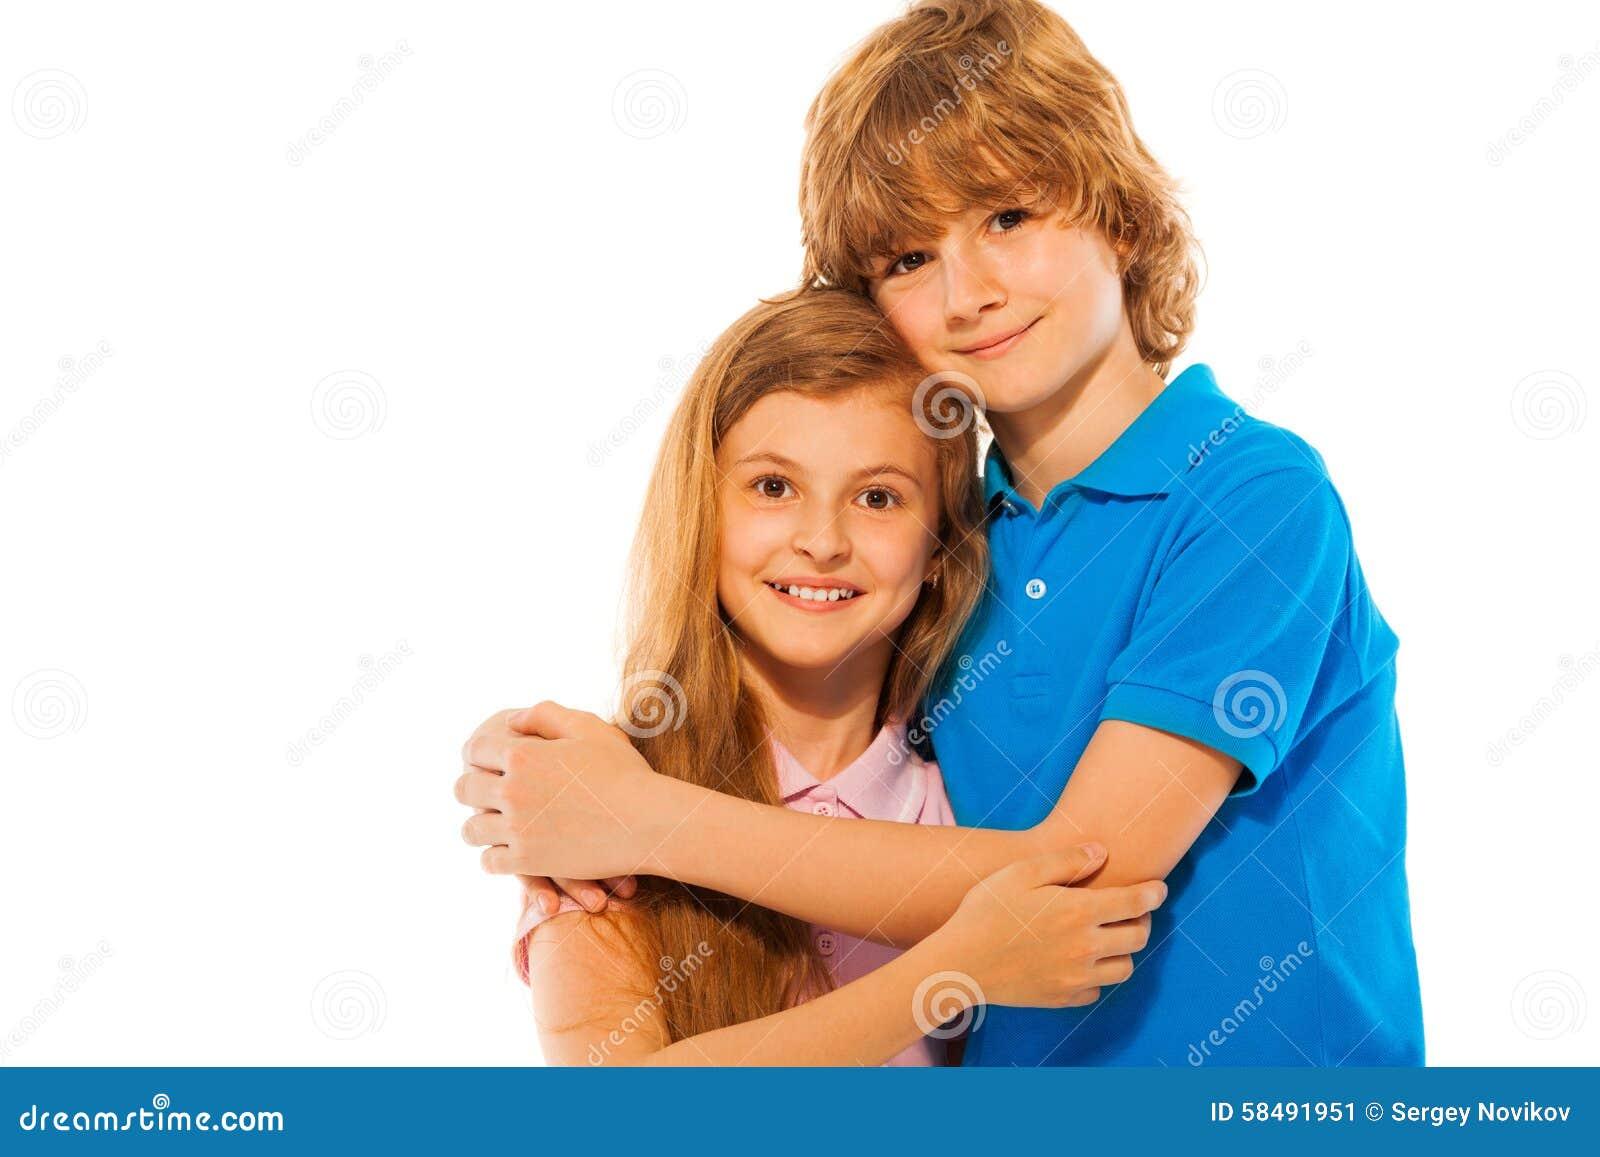 Jumeaux Fille Garçon : Enfants de mêmes parents jumeaux garçon et fille sur le